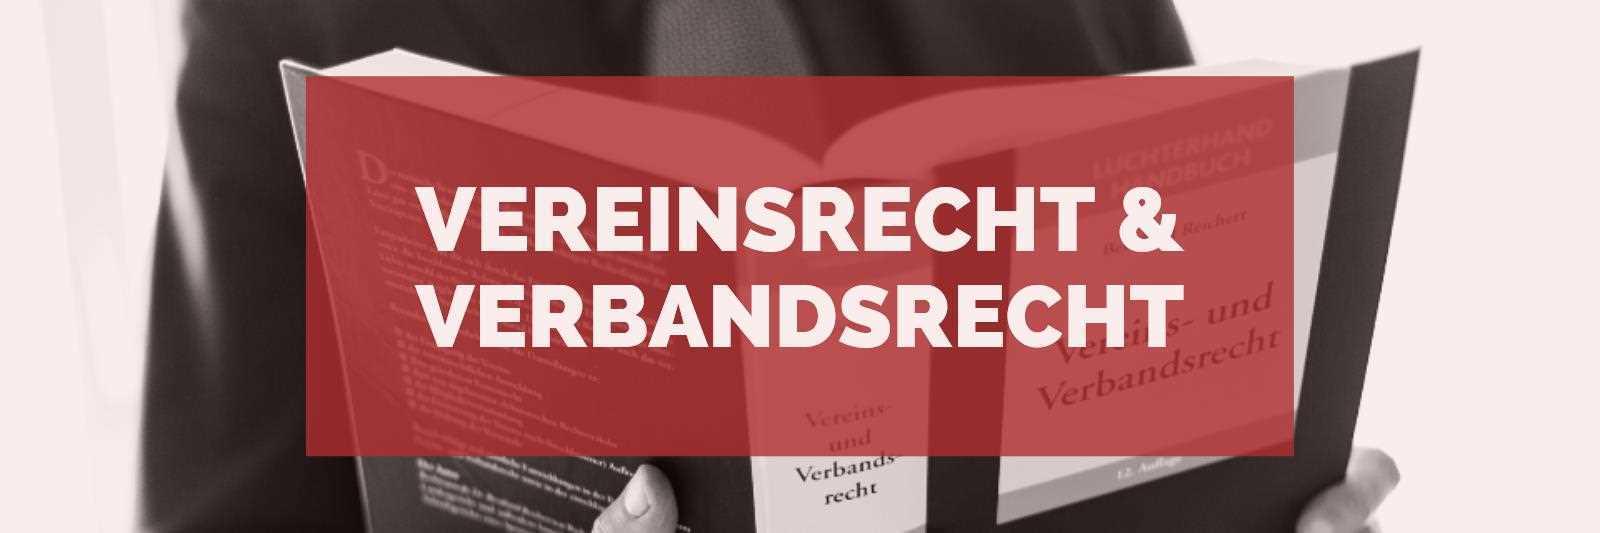 Vereinsrecht und Verbandsrecht: Rechtsanwalt für Vereinsrecht Köln